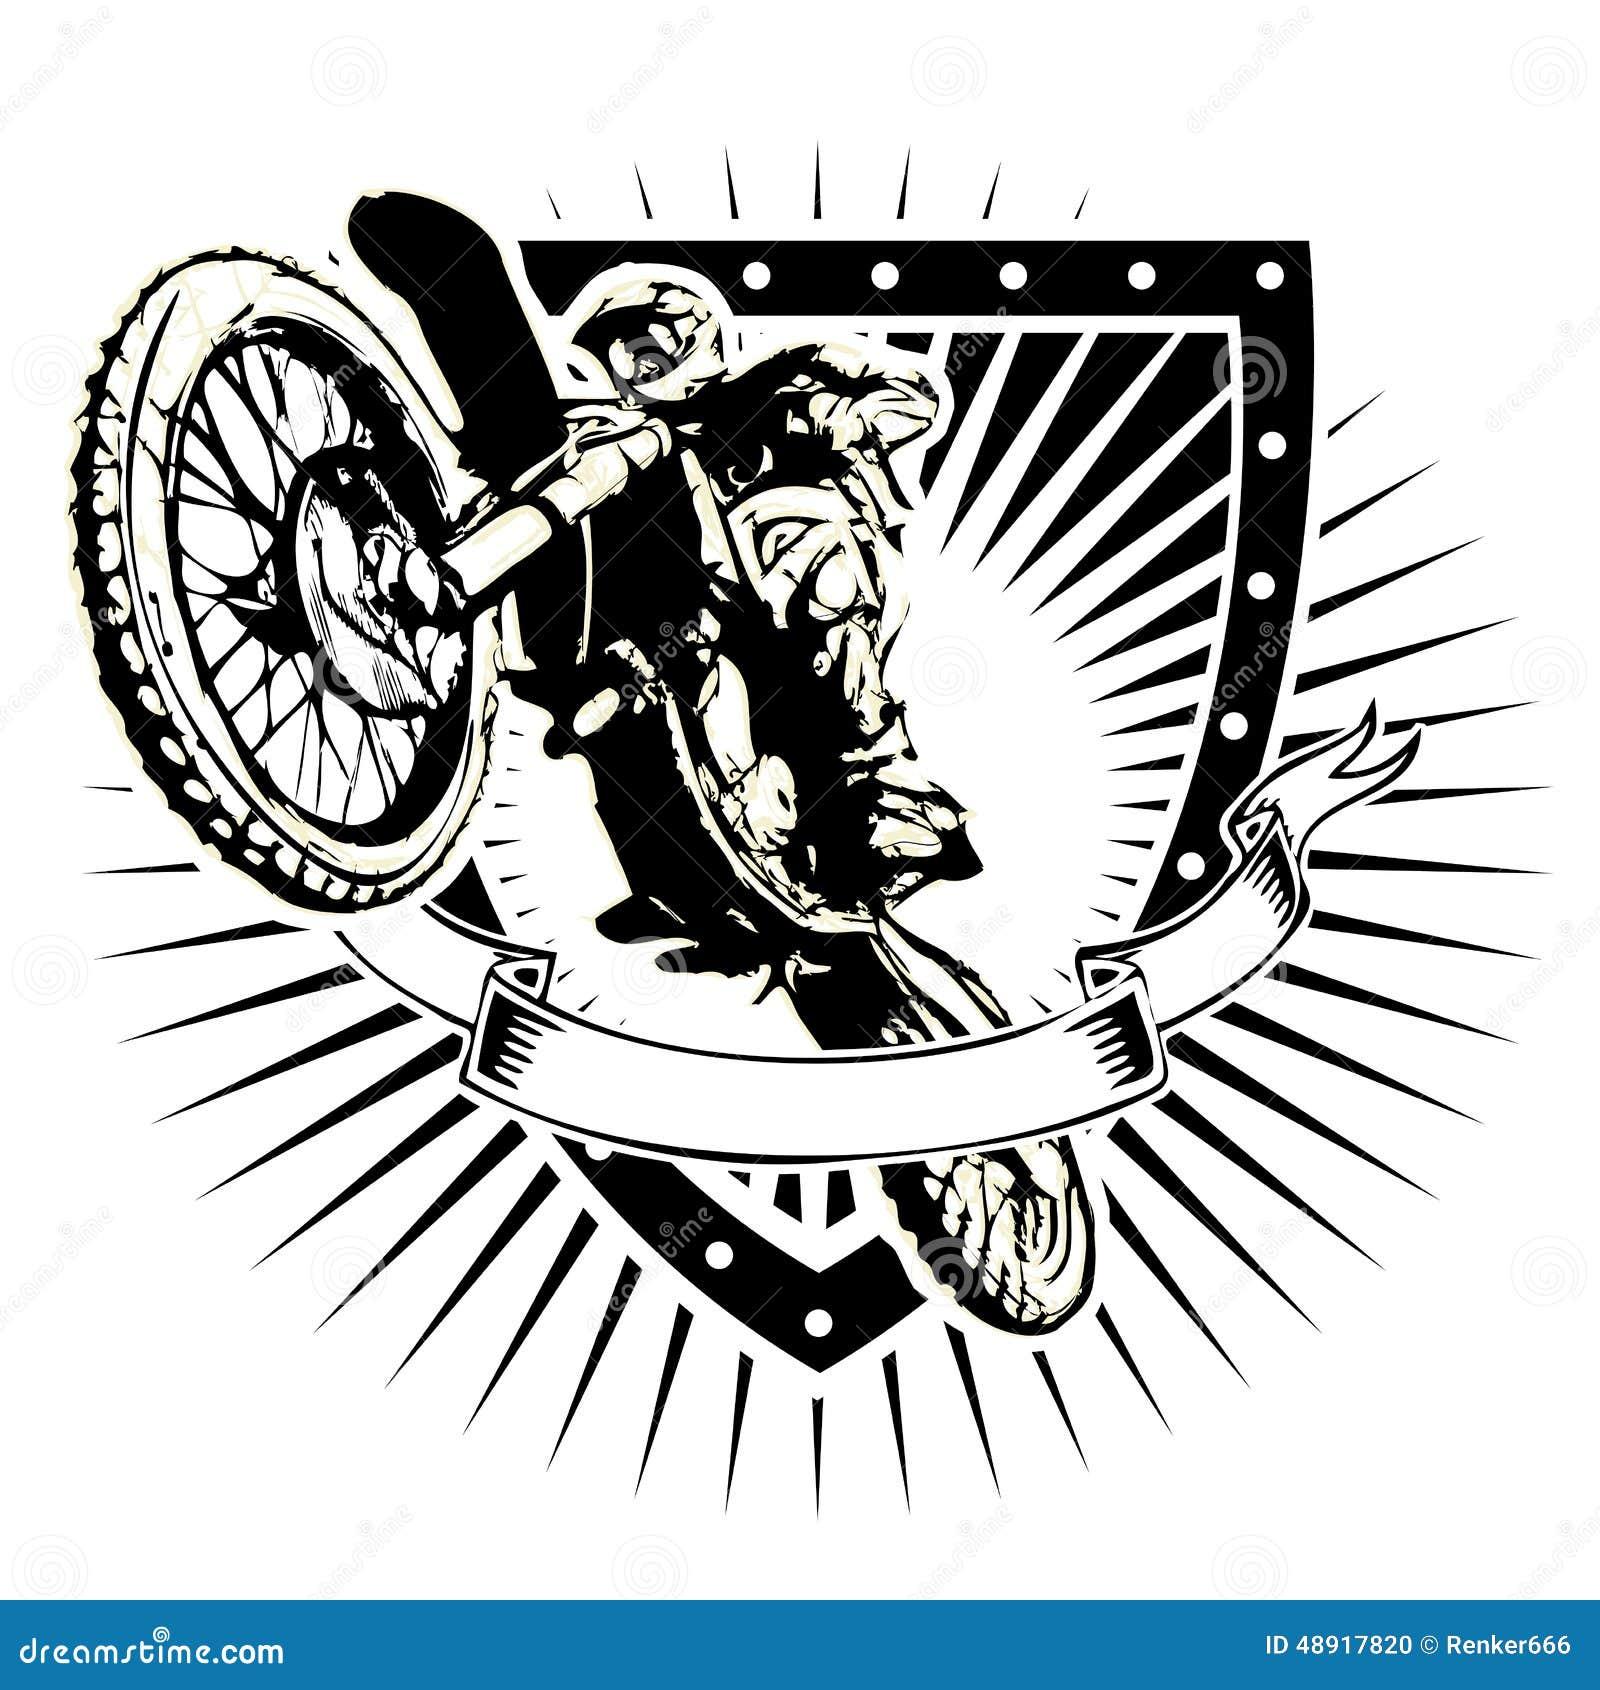 ba19ded1 Motocross Stock Illustrations – 8,081 Motocross Stock Illustrations, Vectors  & Clipart - Dreamstime